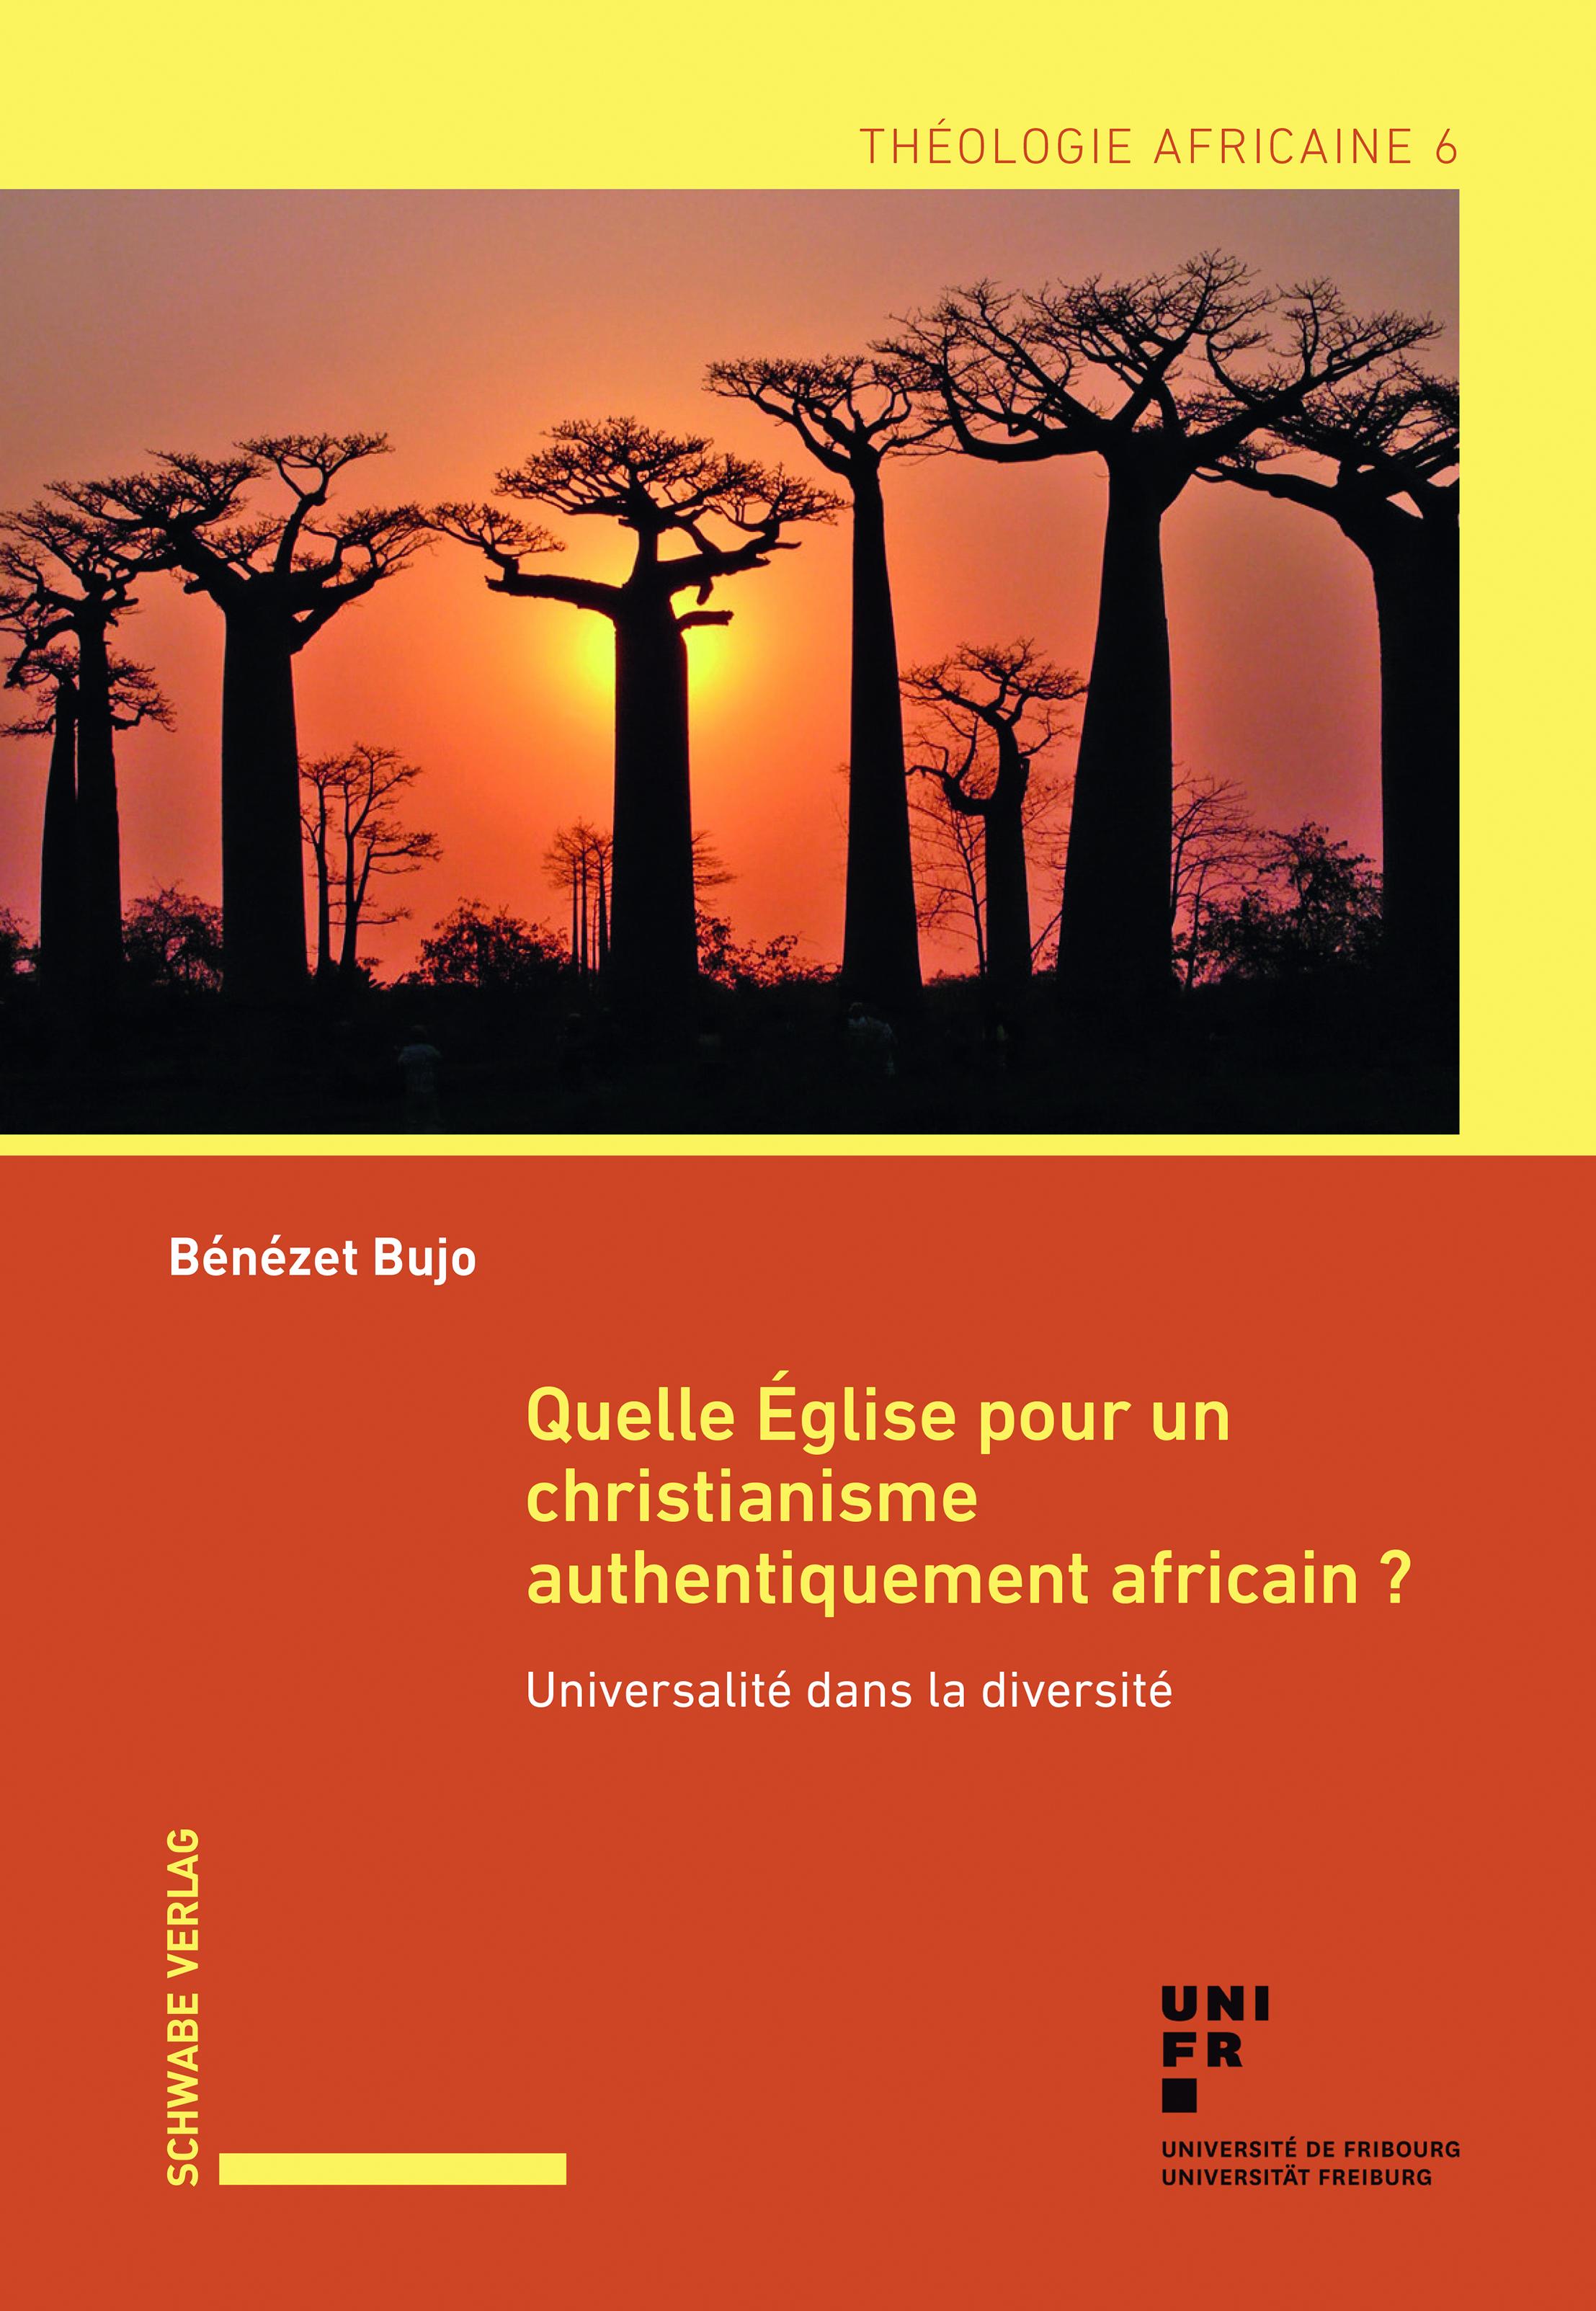 TA - Théologie africaine